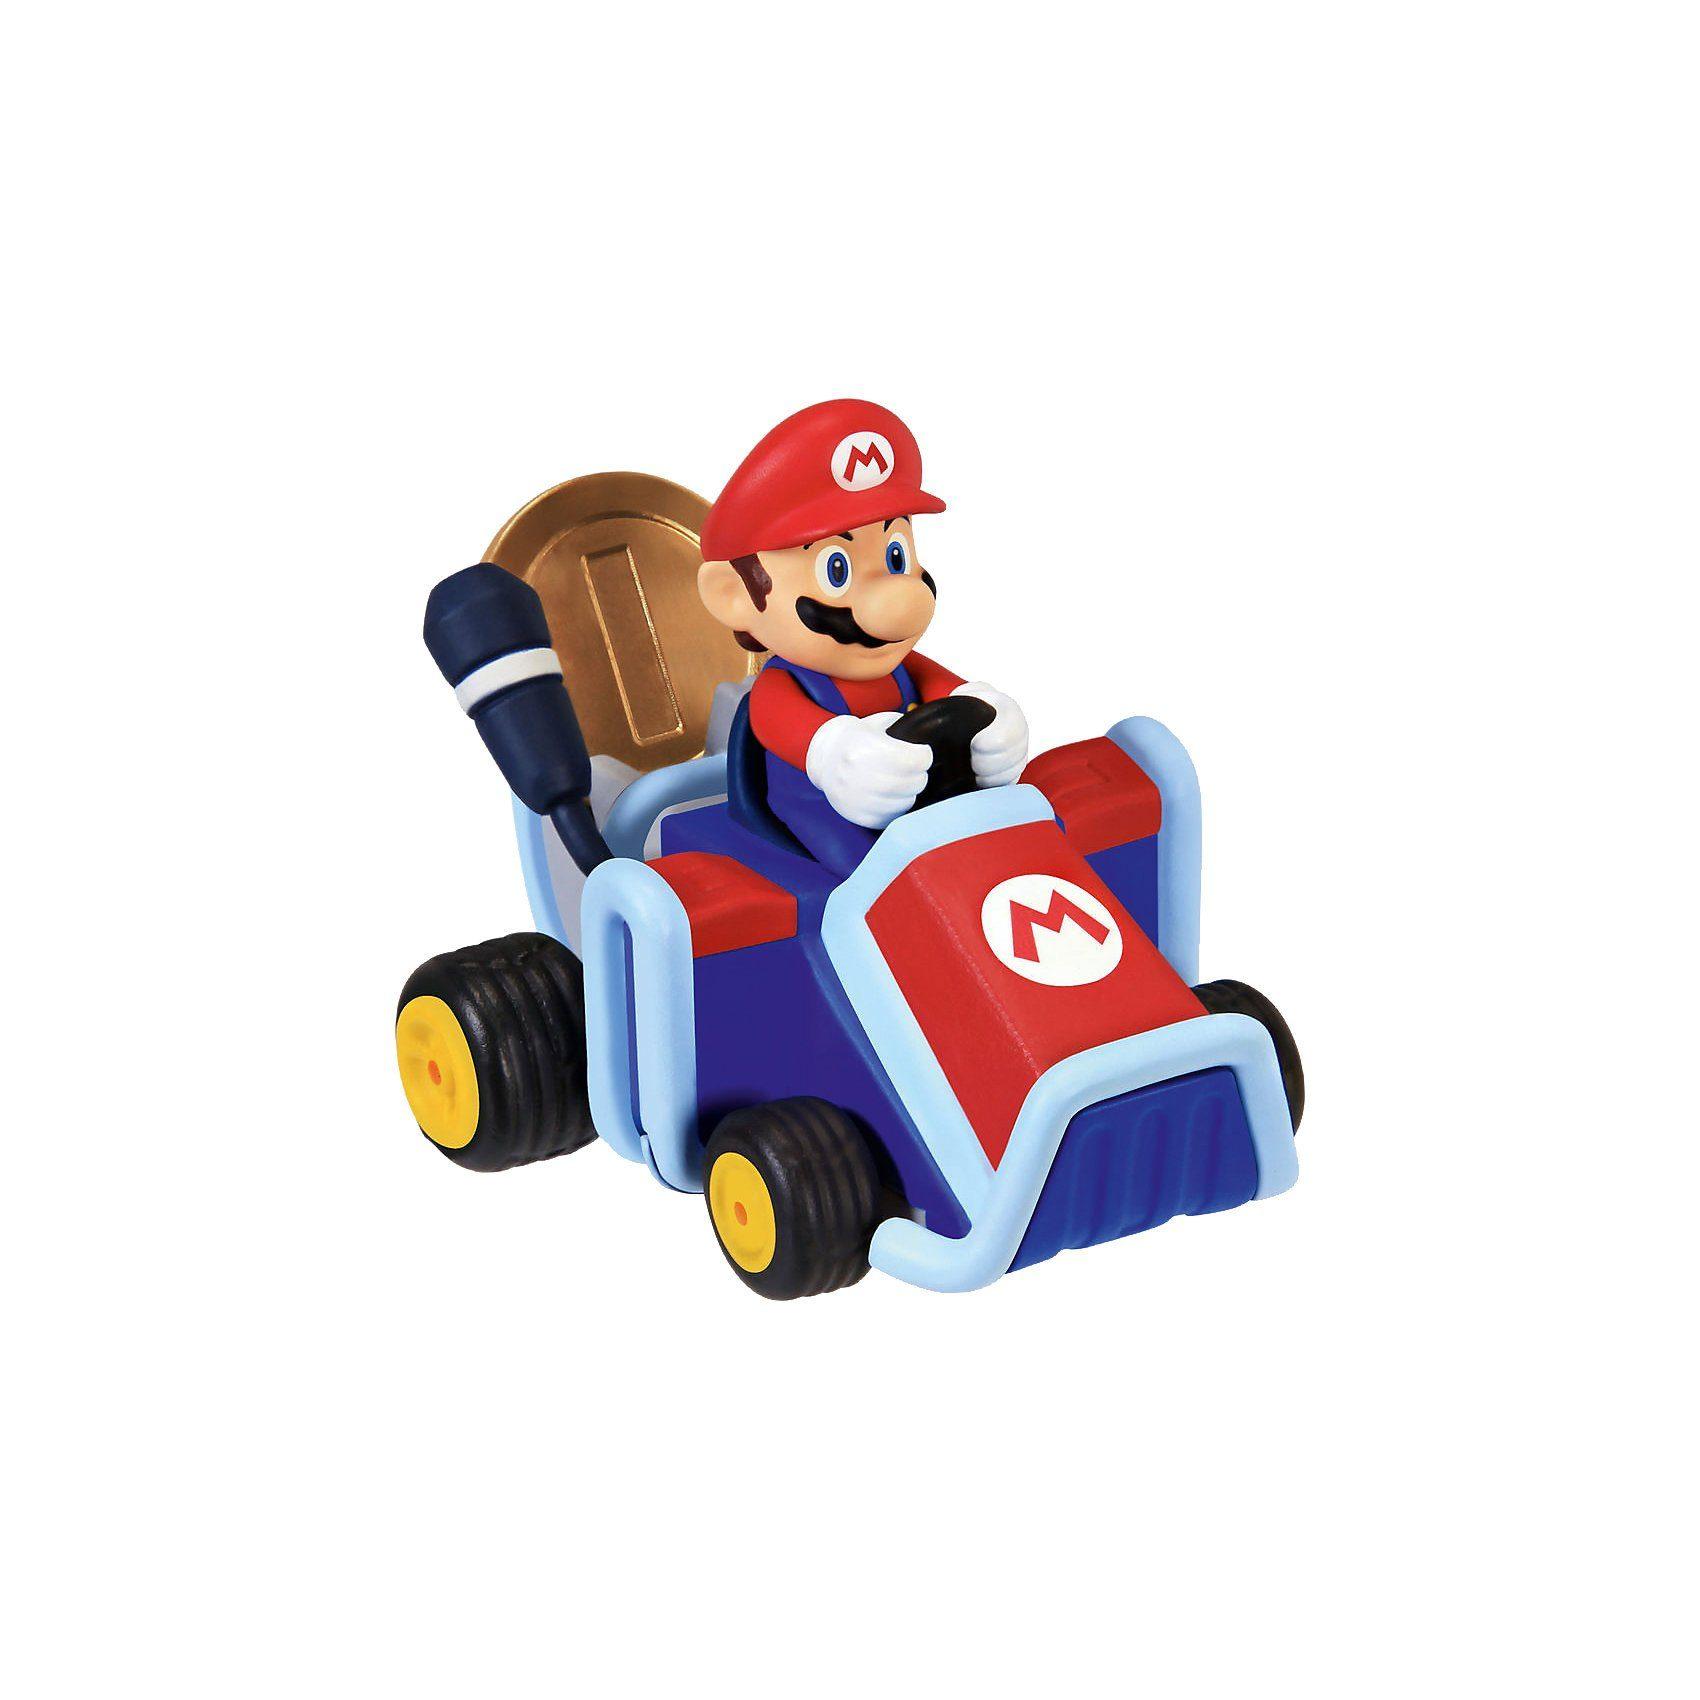 Nintendo Super Mario Coin Racers - Mario